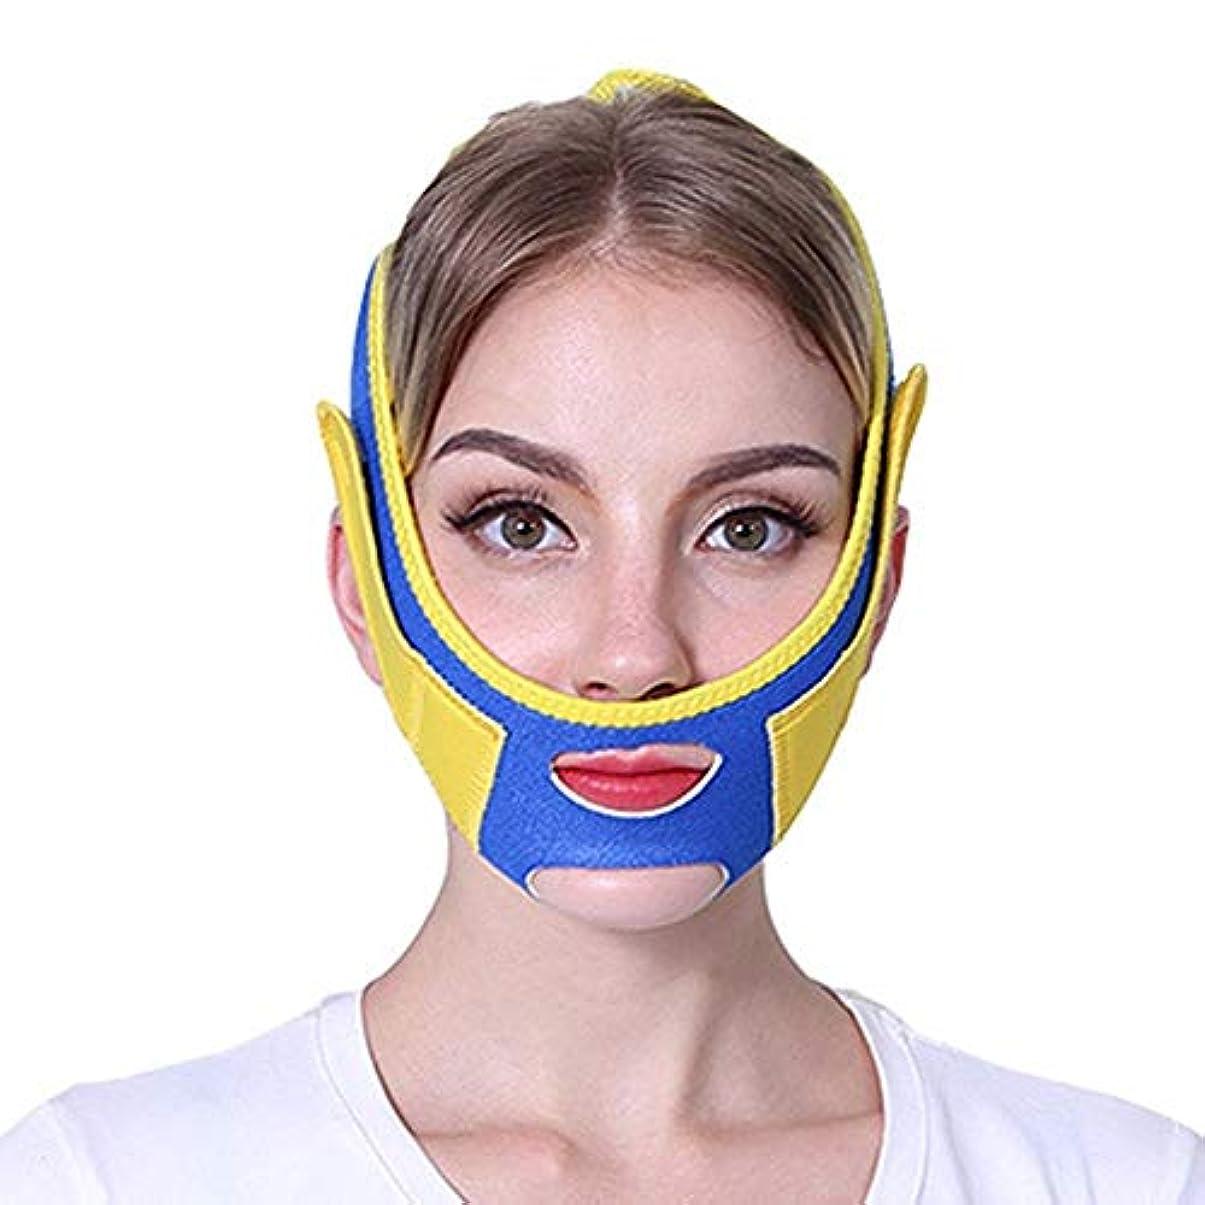 変更ぶら下がる歯科のフェイスリフティング包帯、フェイシャルマッサージV字型で肌の弾力性を高め ダブルチンの美容ケアツール (Color : Blue)